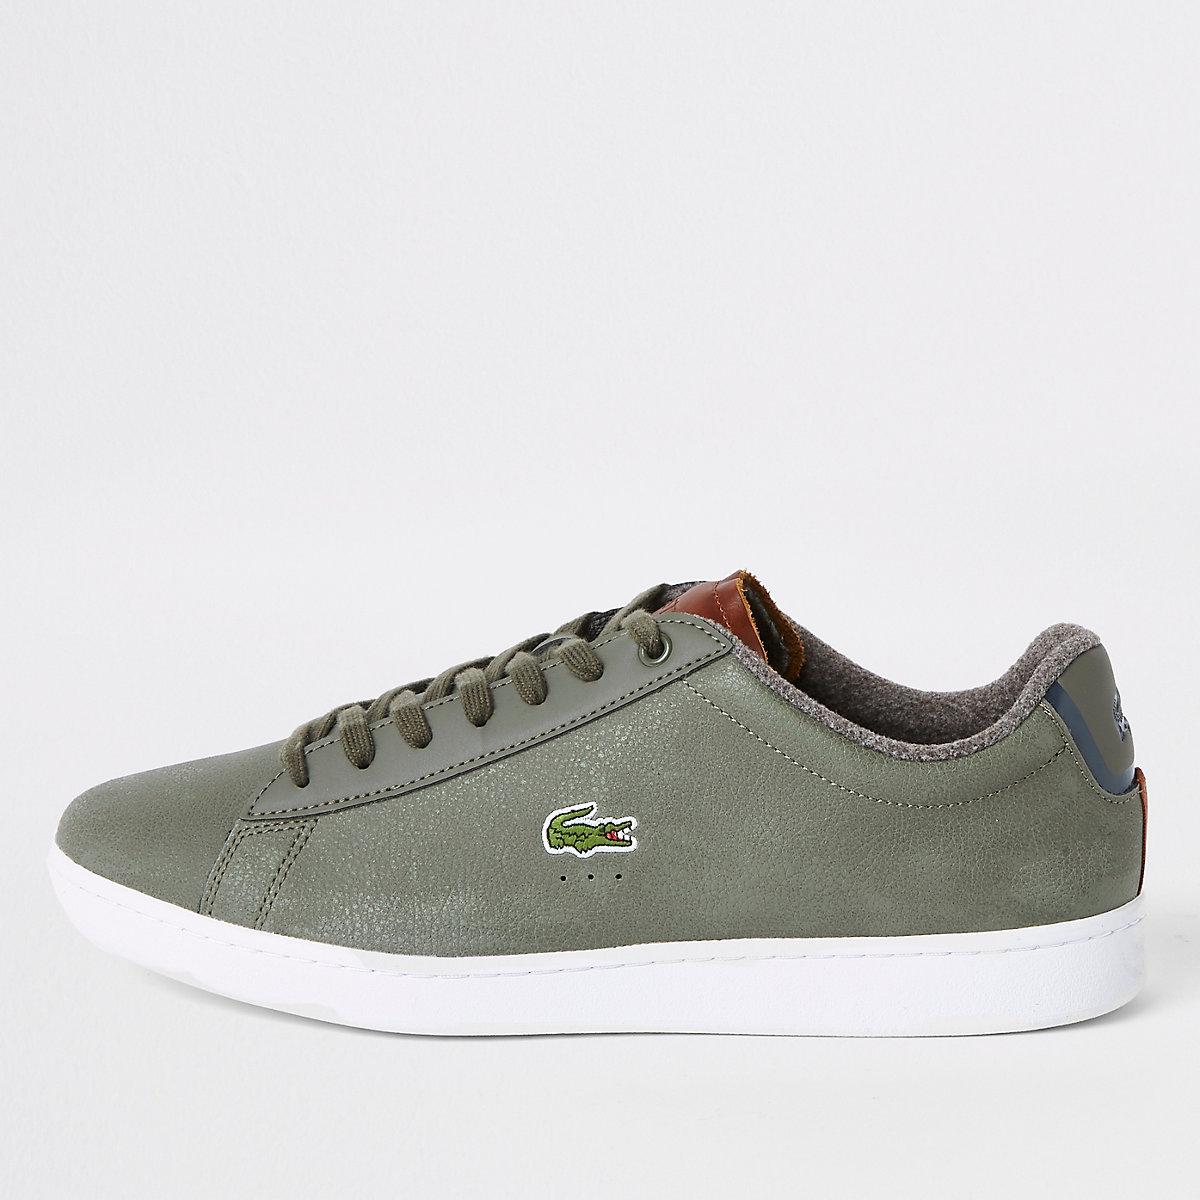 965545ea05 Lacets Chaussures Lacoste Vertes – Baskets Cuir À En rCxdBeWo